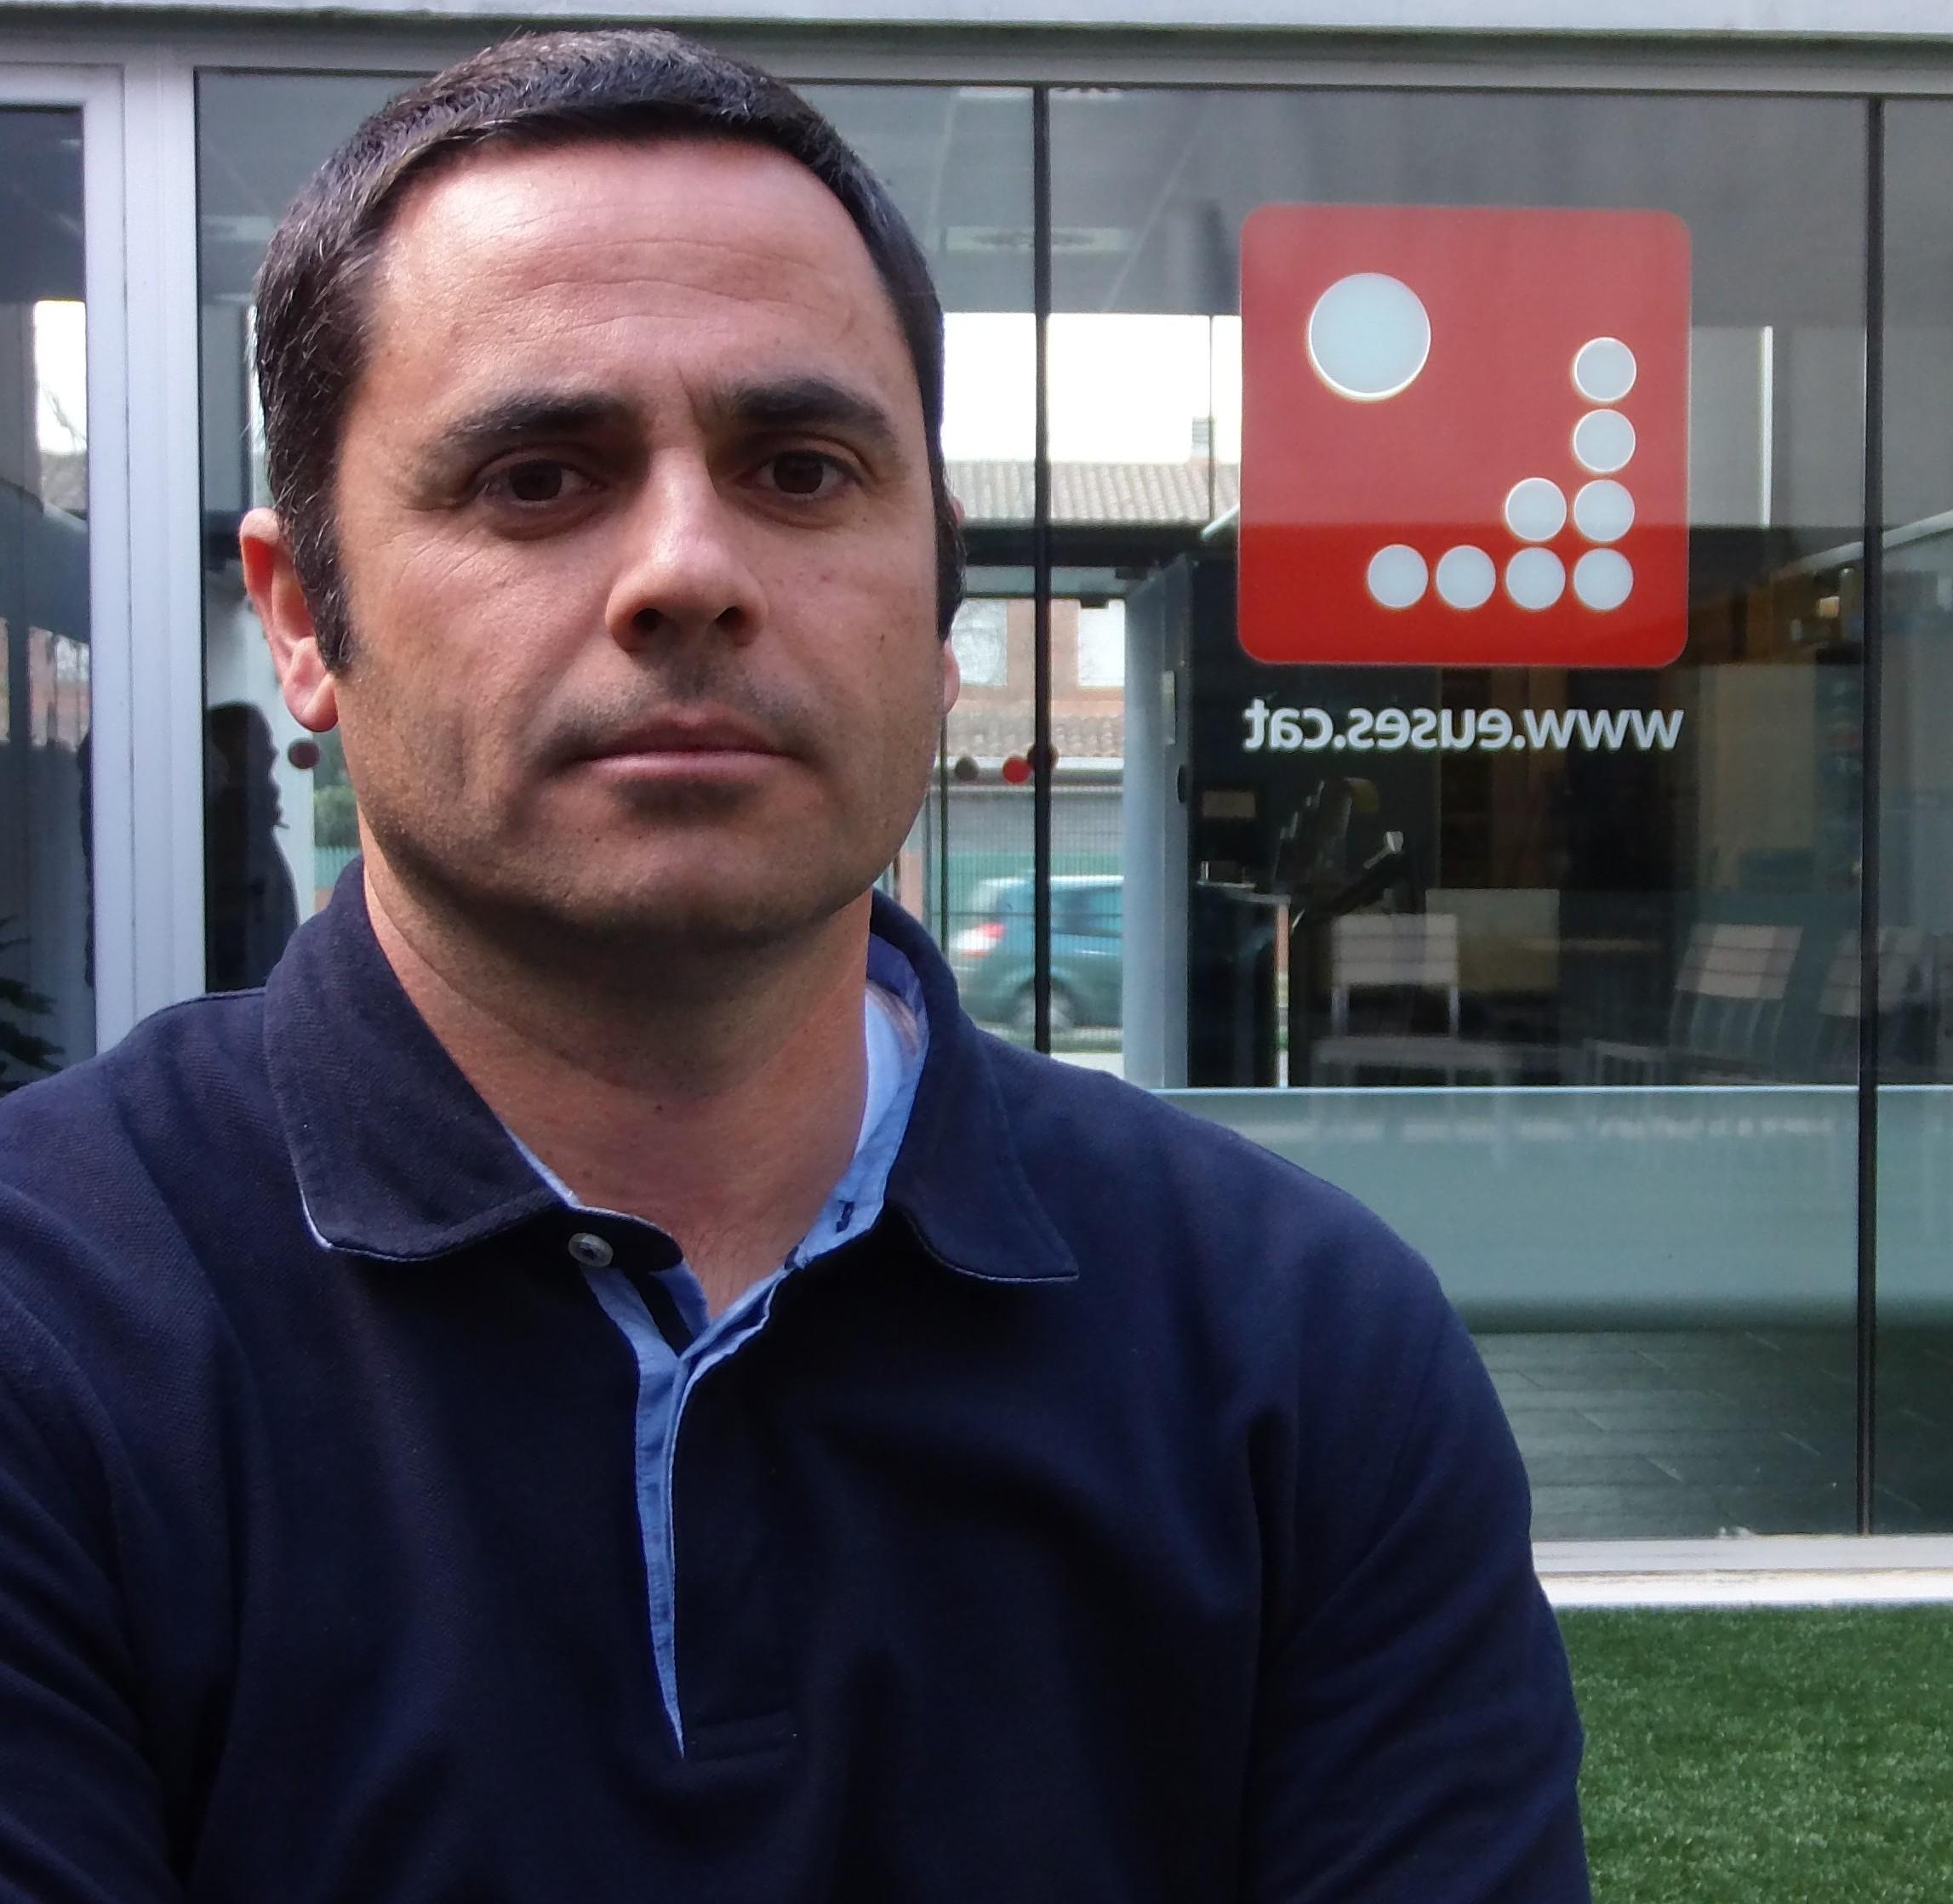 Josep Campos Rius